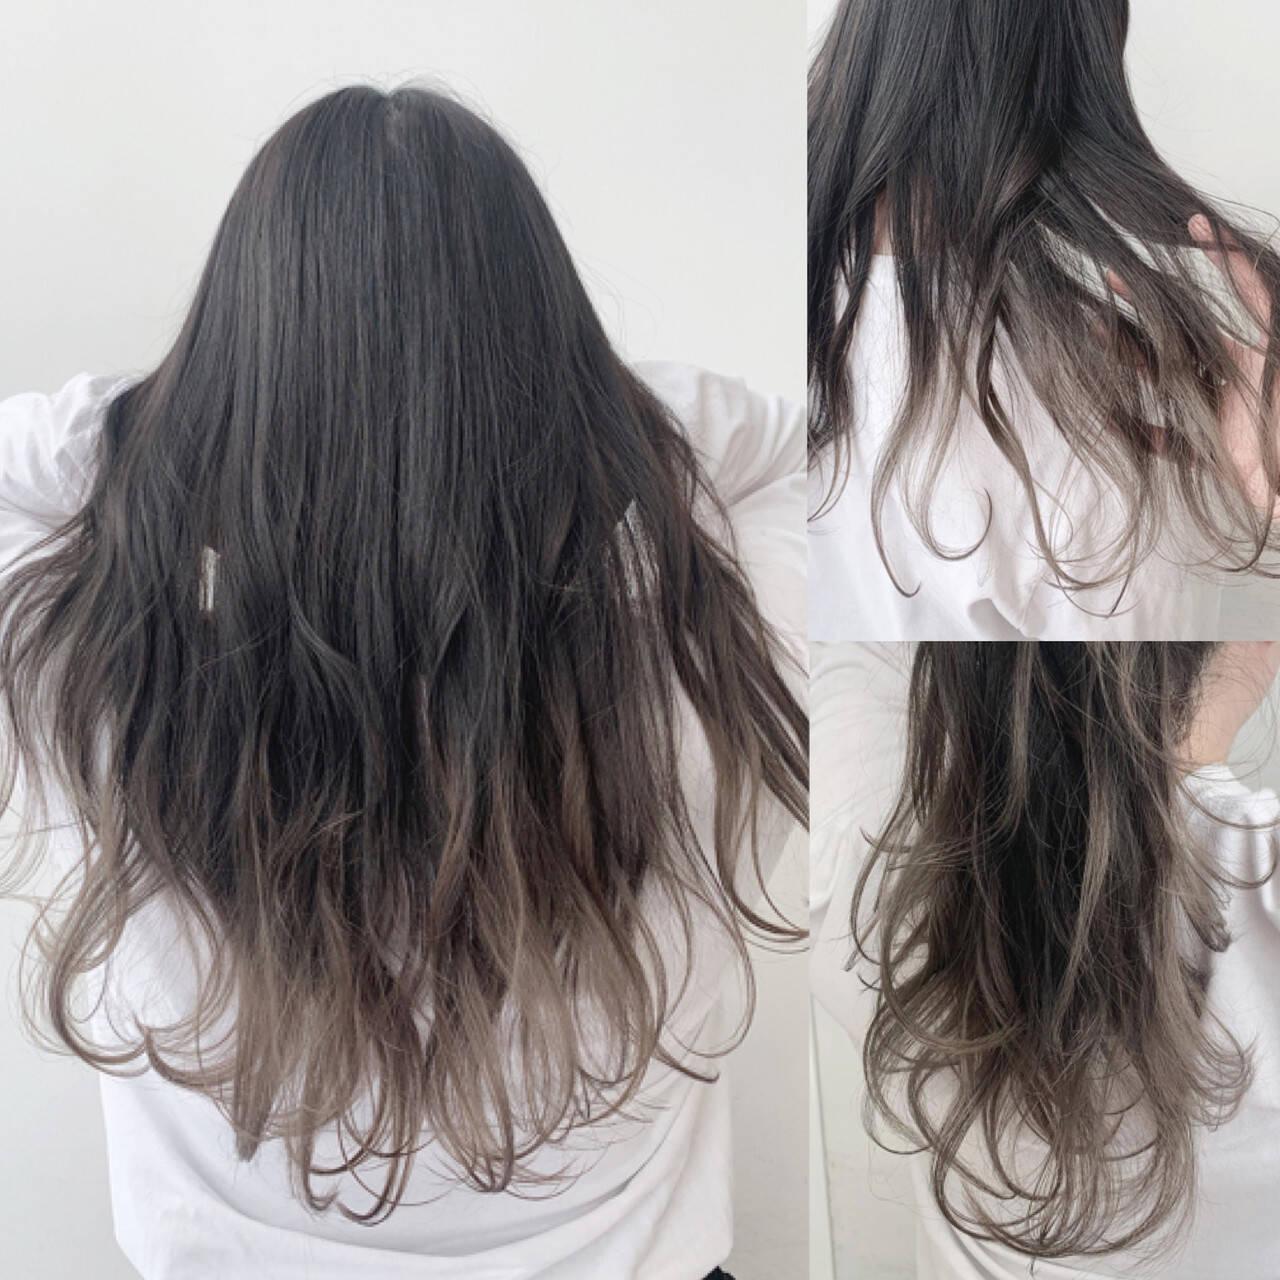 ロング ミルクティーグレージュ ナチュラル グラデーションカラーヘアスタイルや髪型の写真・画像